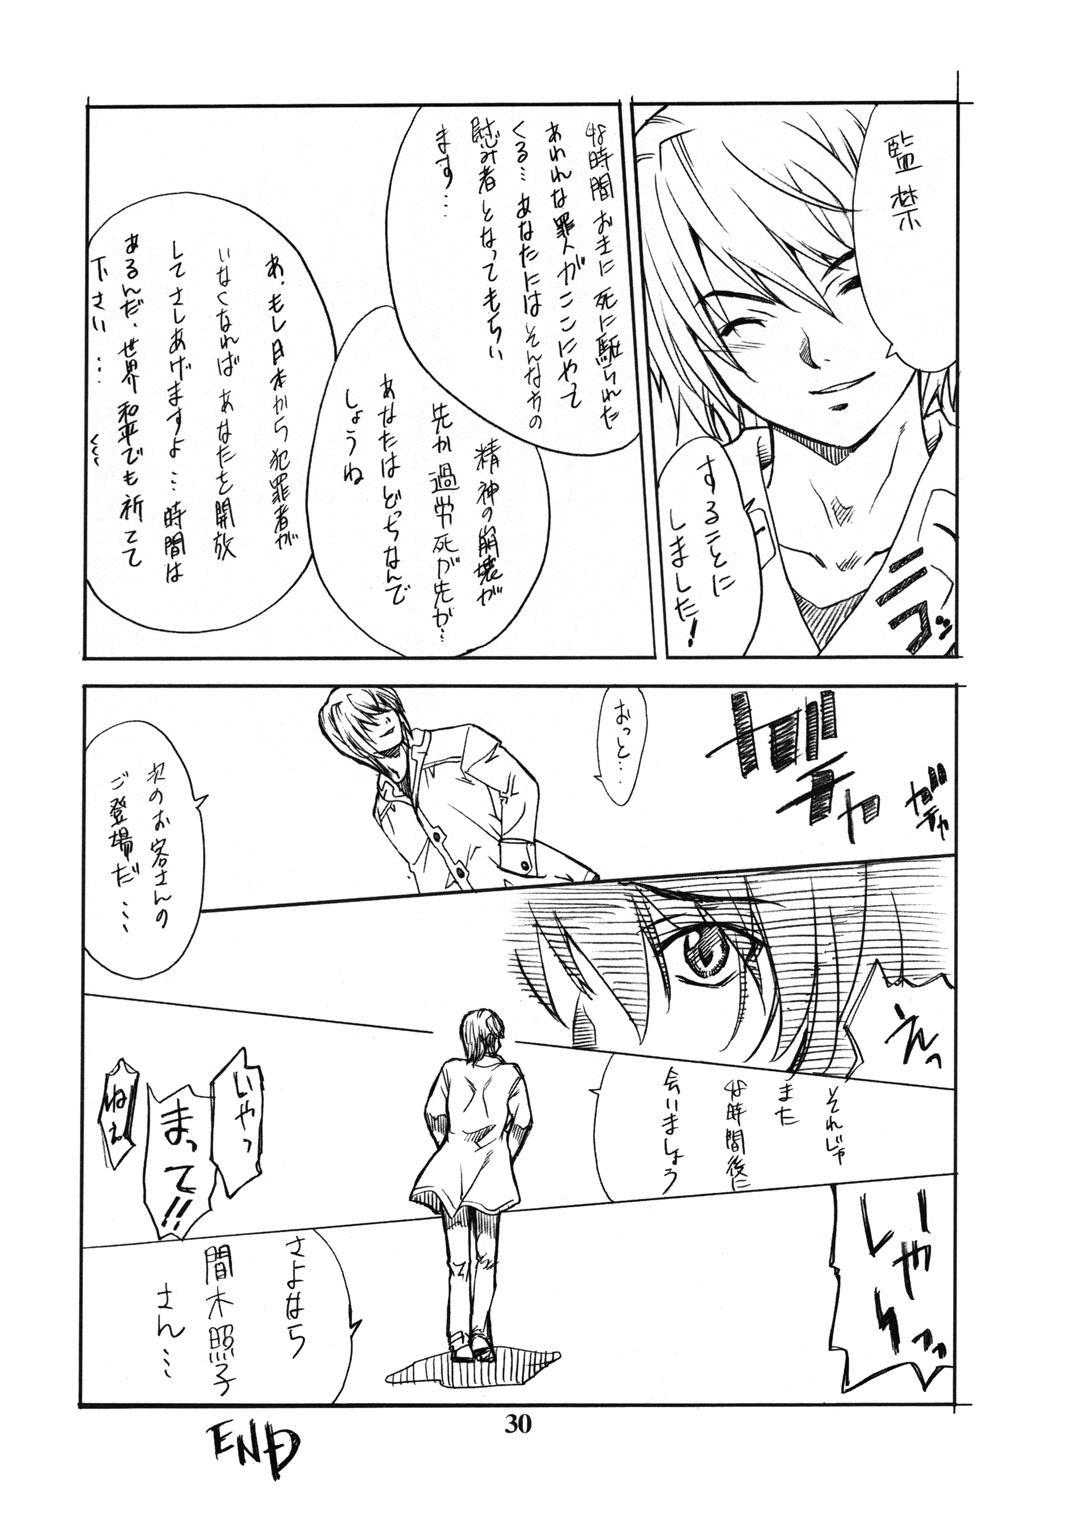 (CR35) [P-FOREST (Hozumi Takashi)] Maki Shouko(Gimei) Misora Naomi (Death Note) 28